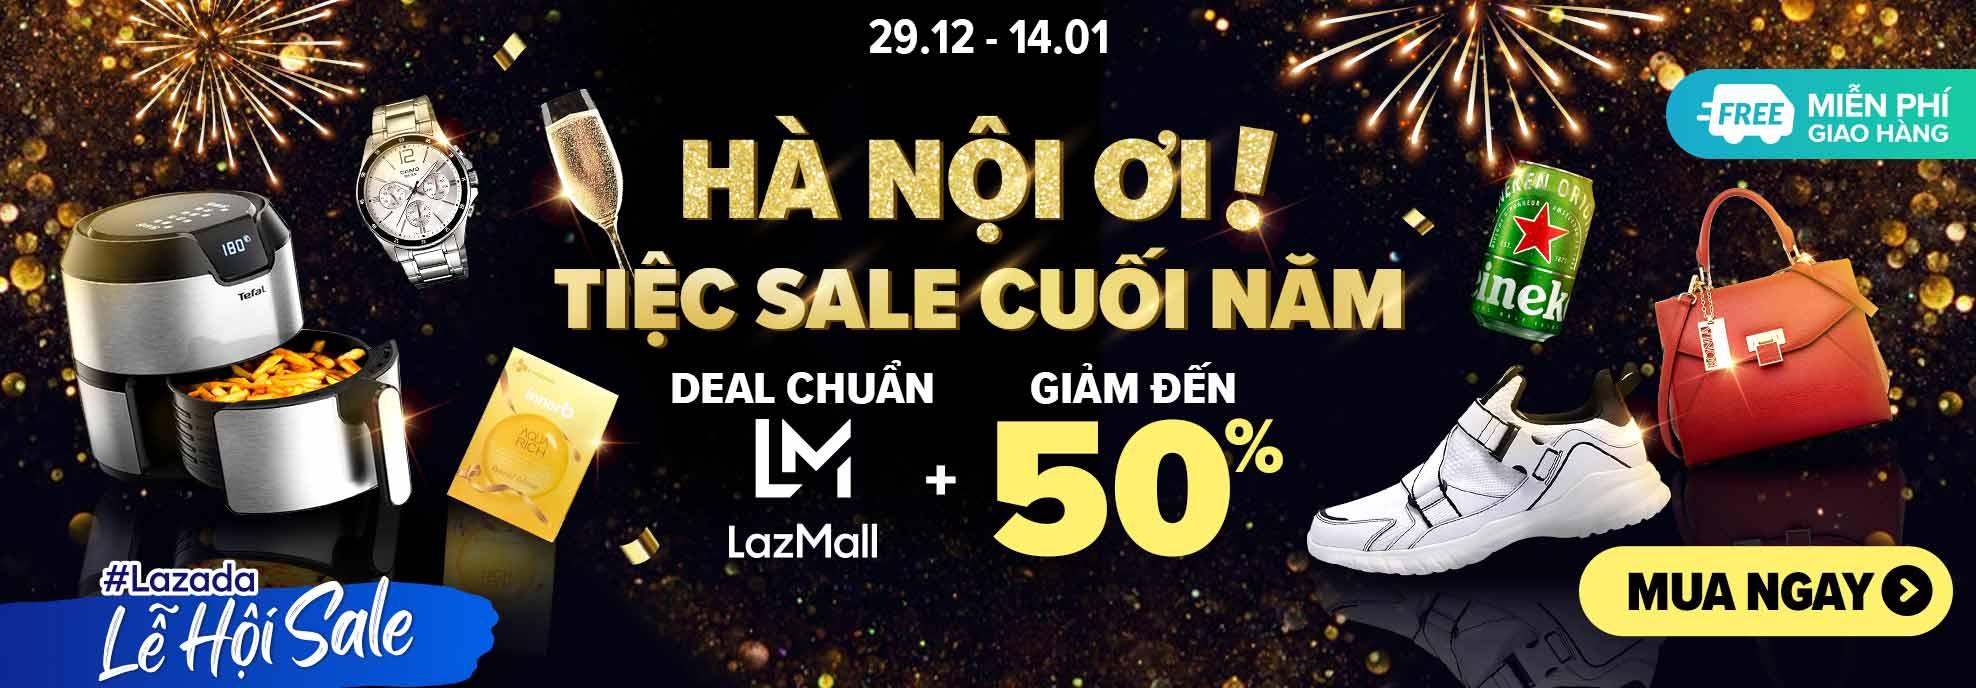 Deals Lazada